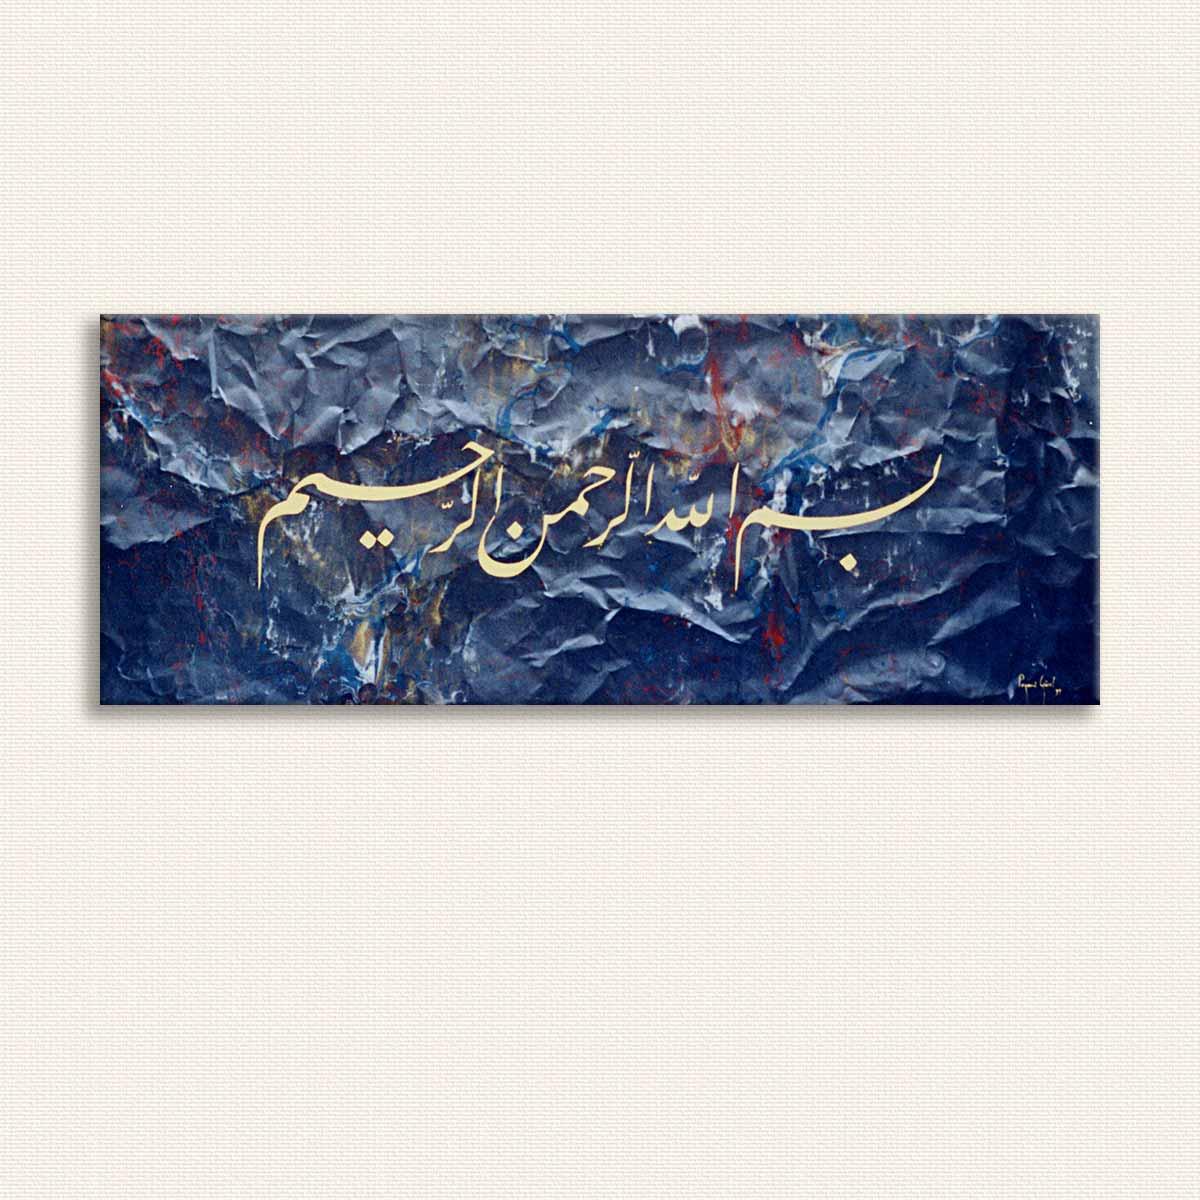 talik besmele kompozisyon 05